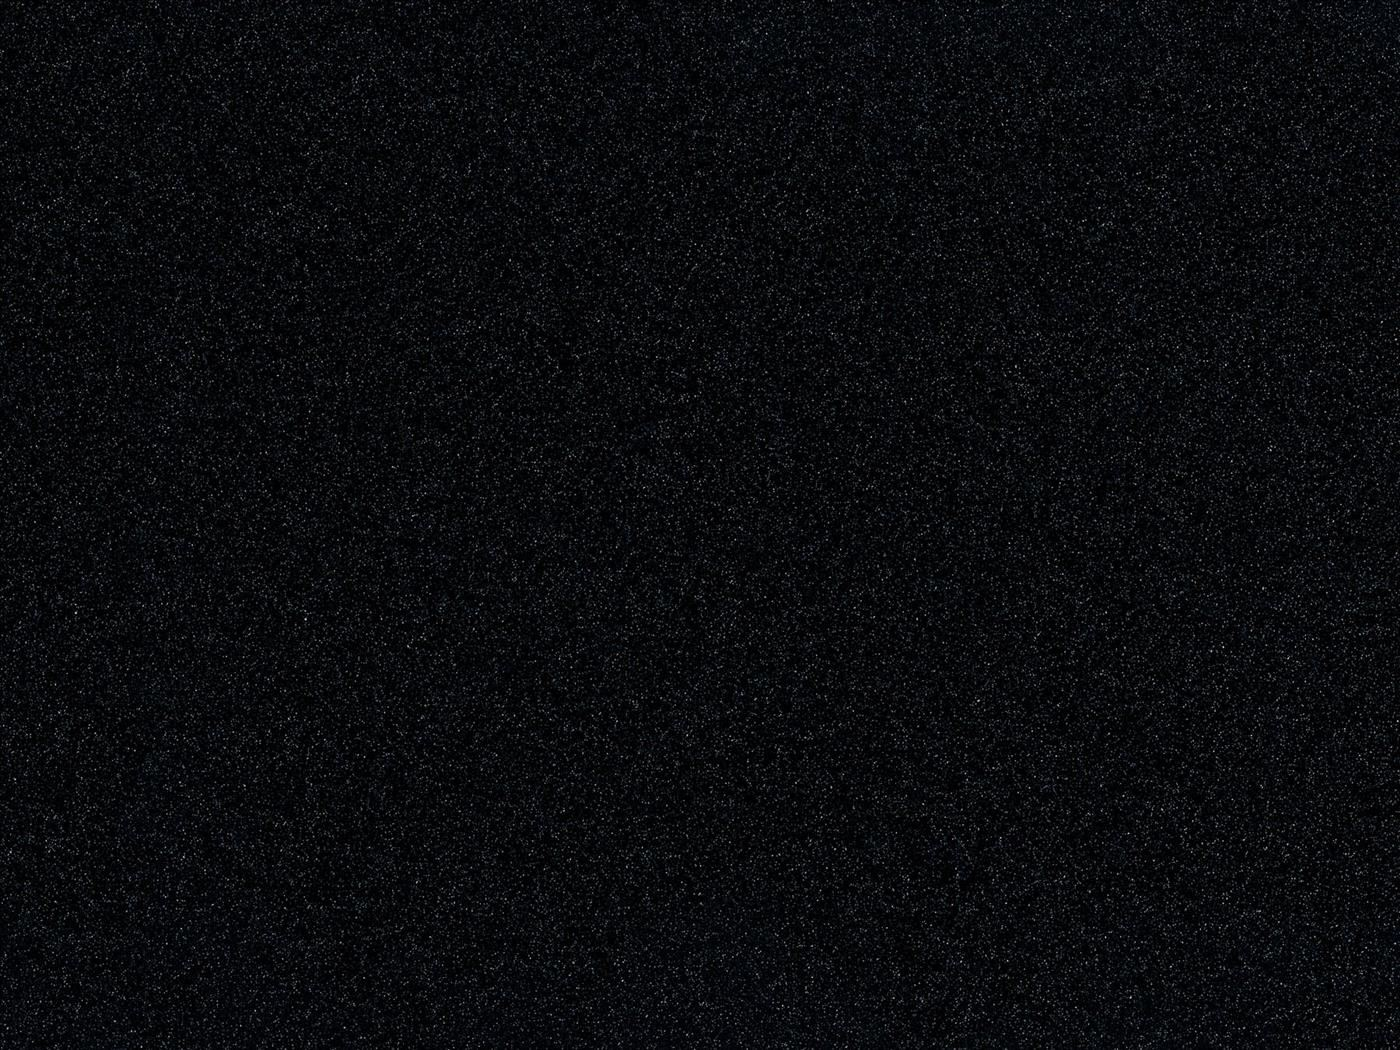 קוריאן deepanthracite